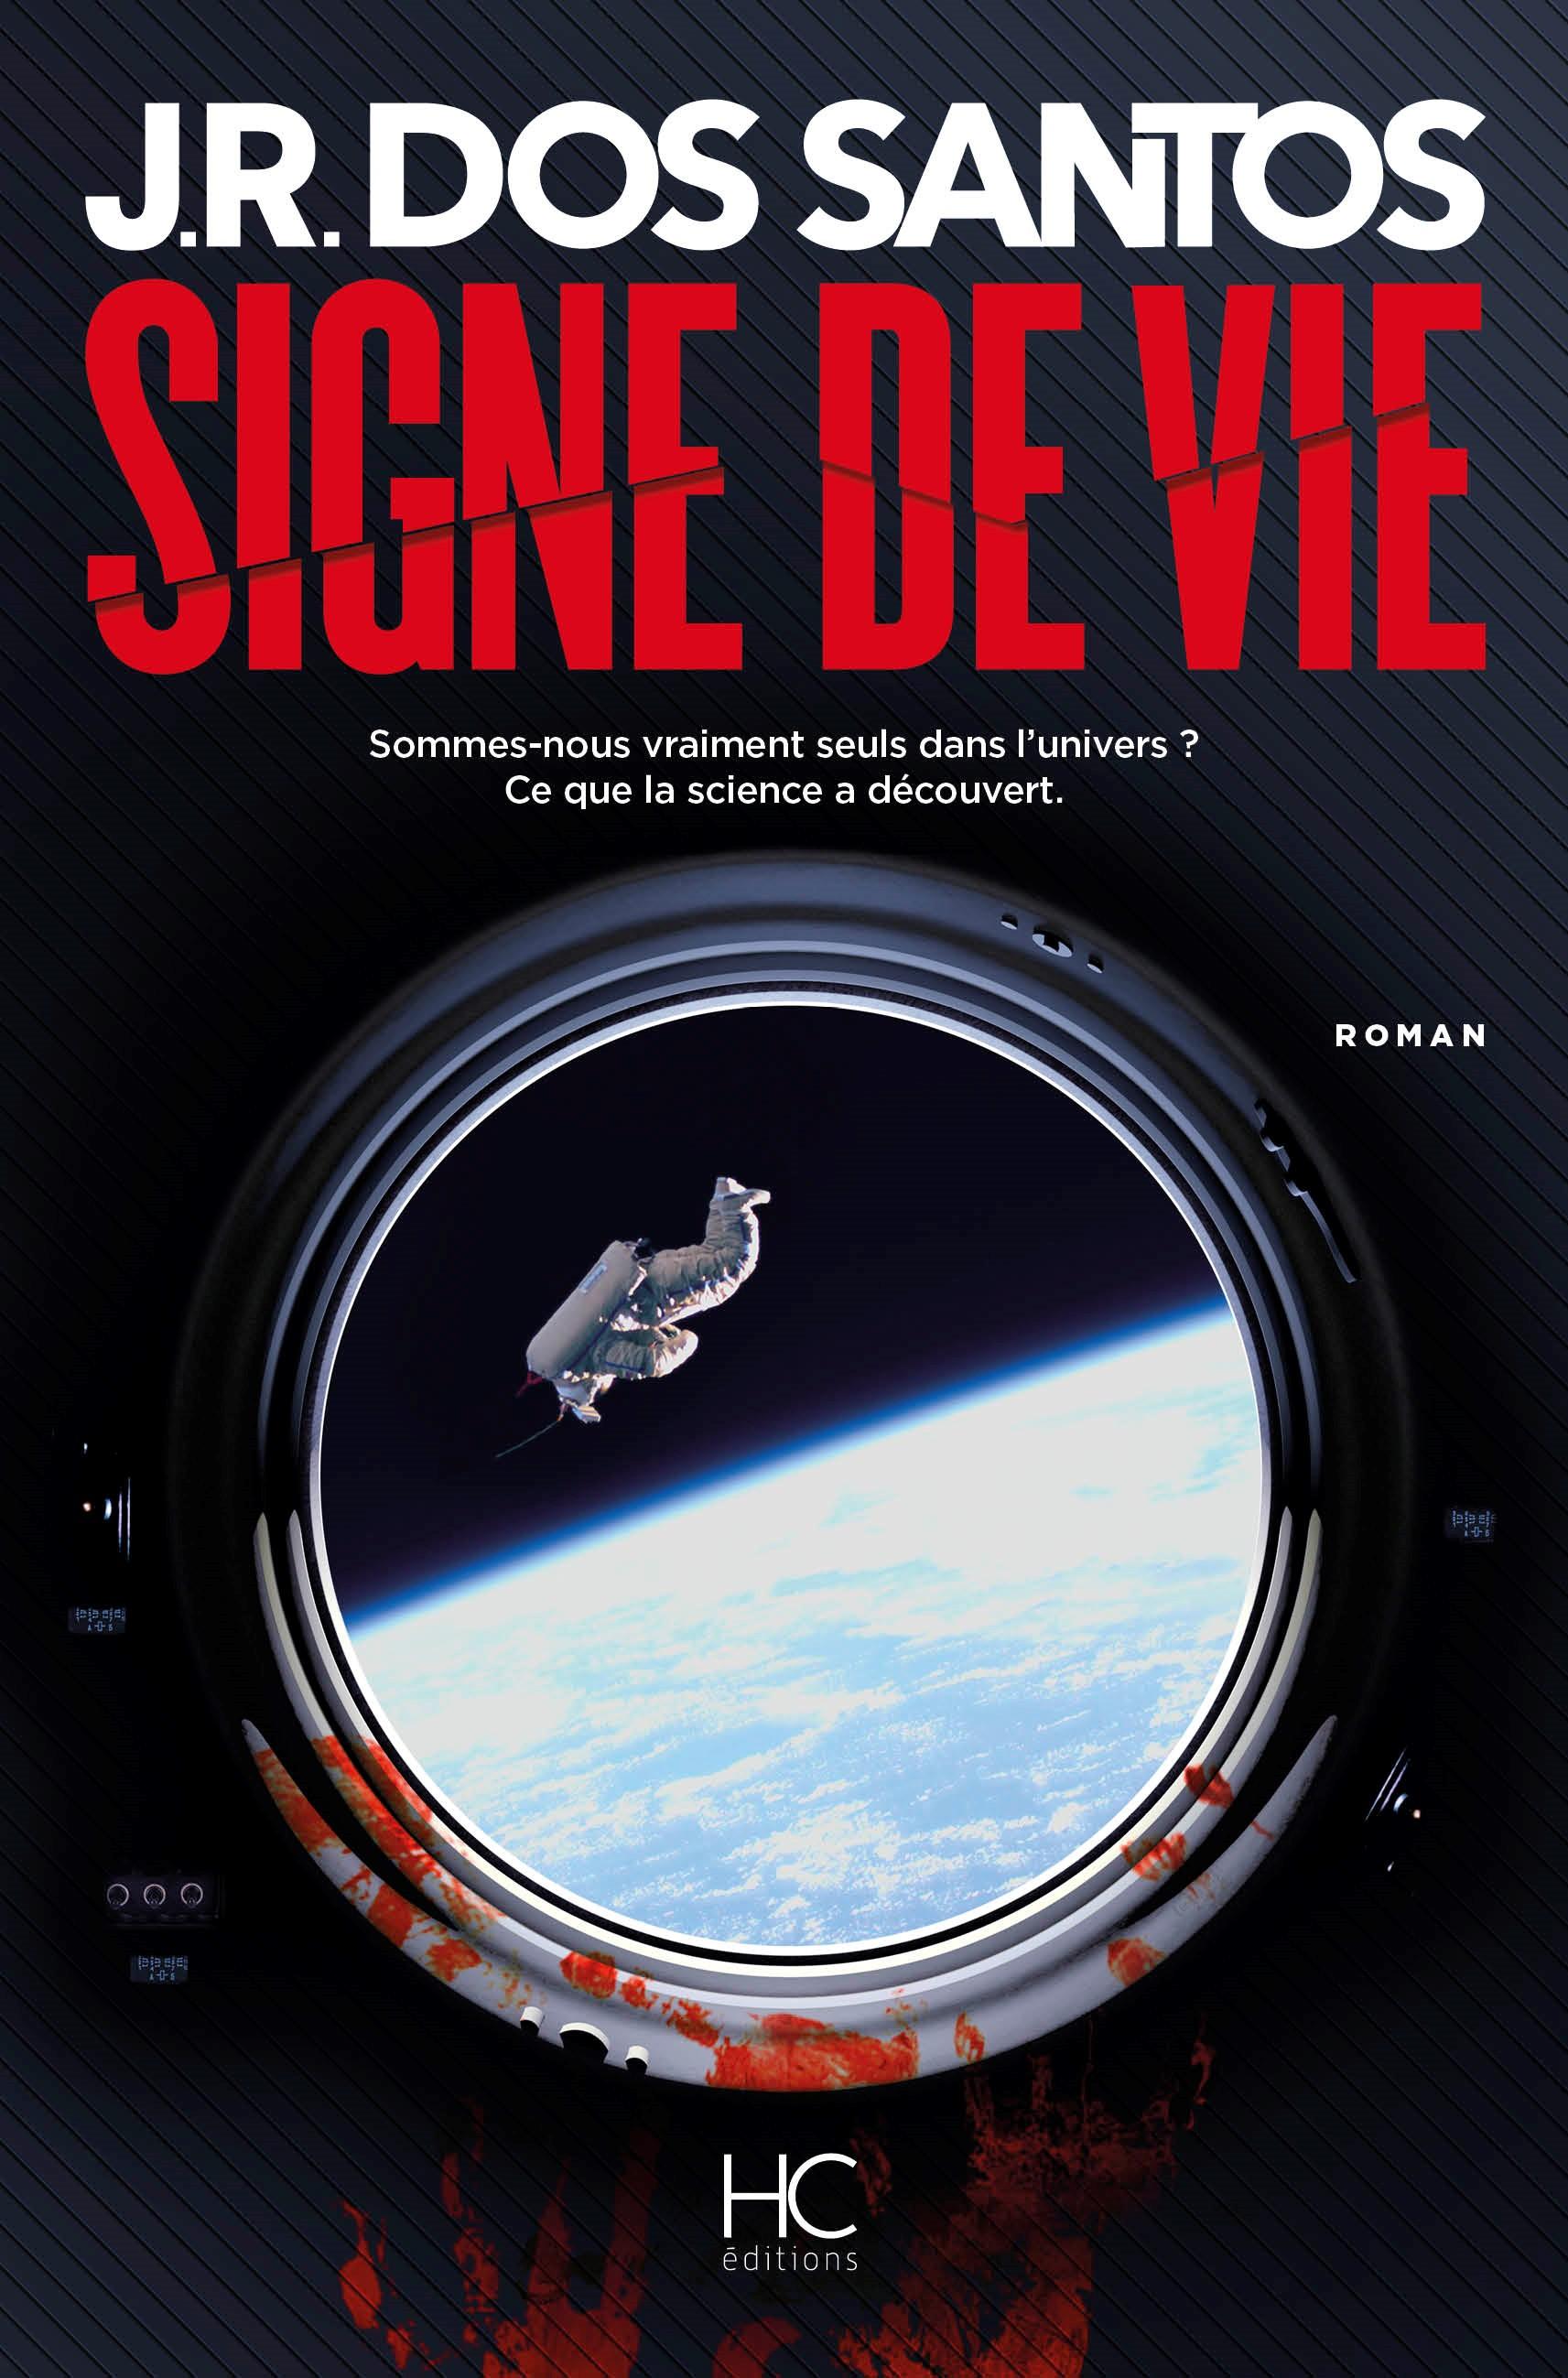 Signe de vie chez HC Editions, mai 2018, 22€